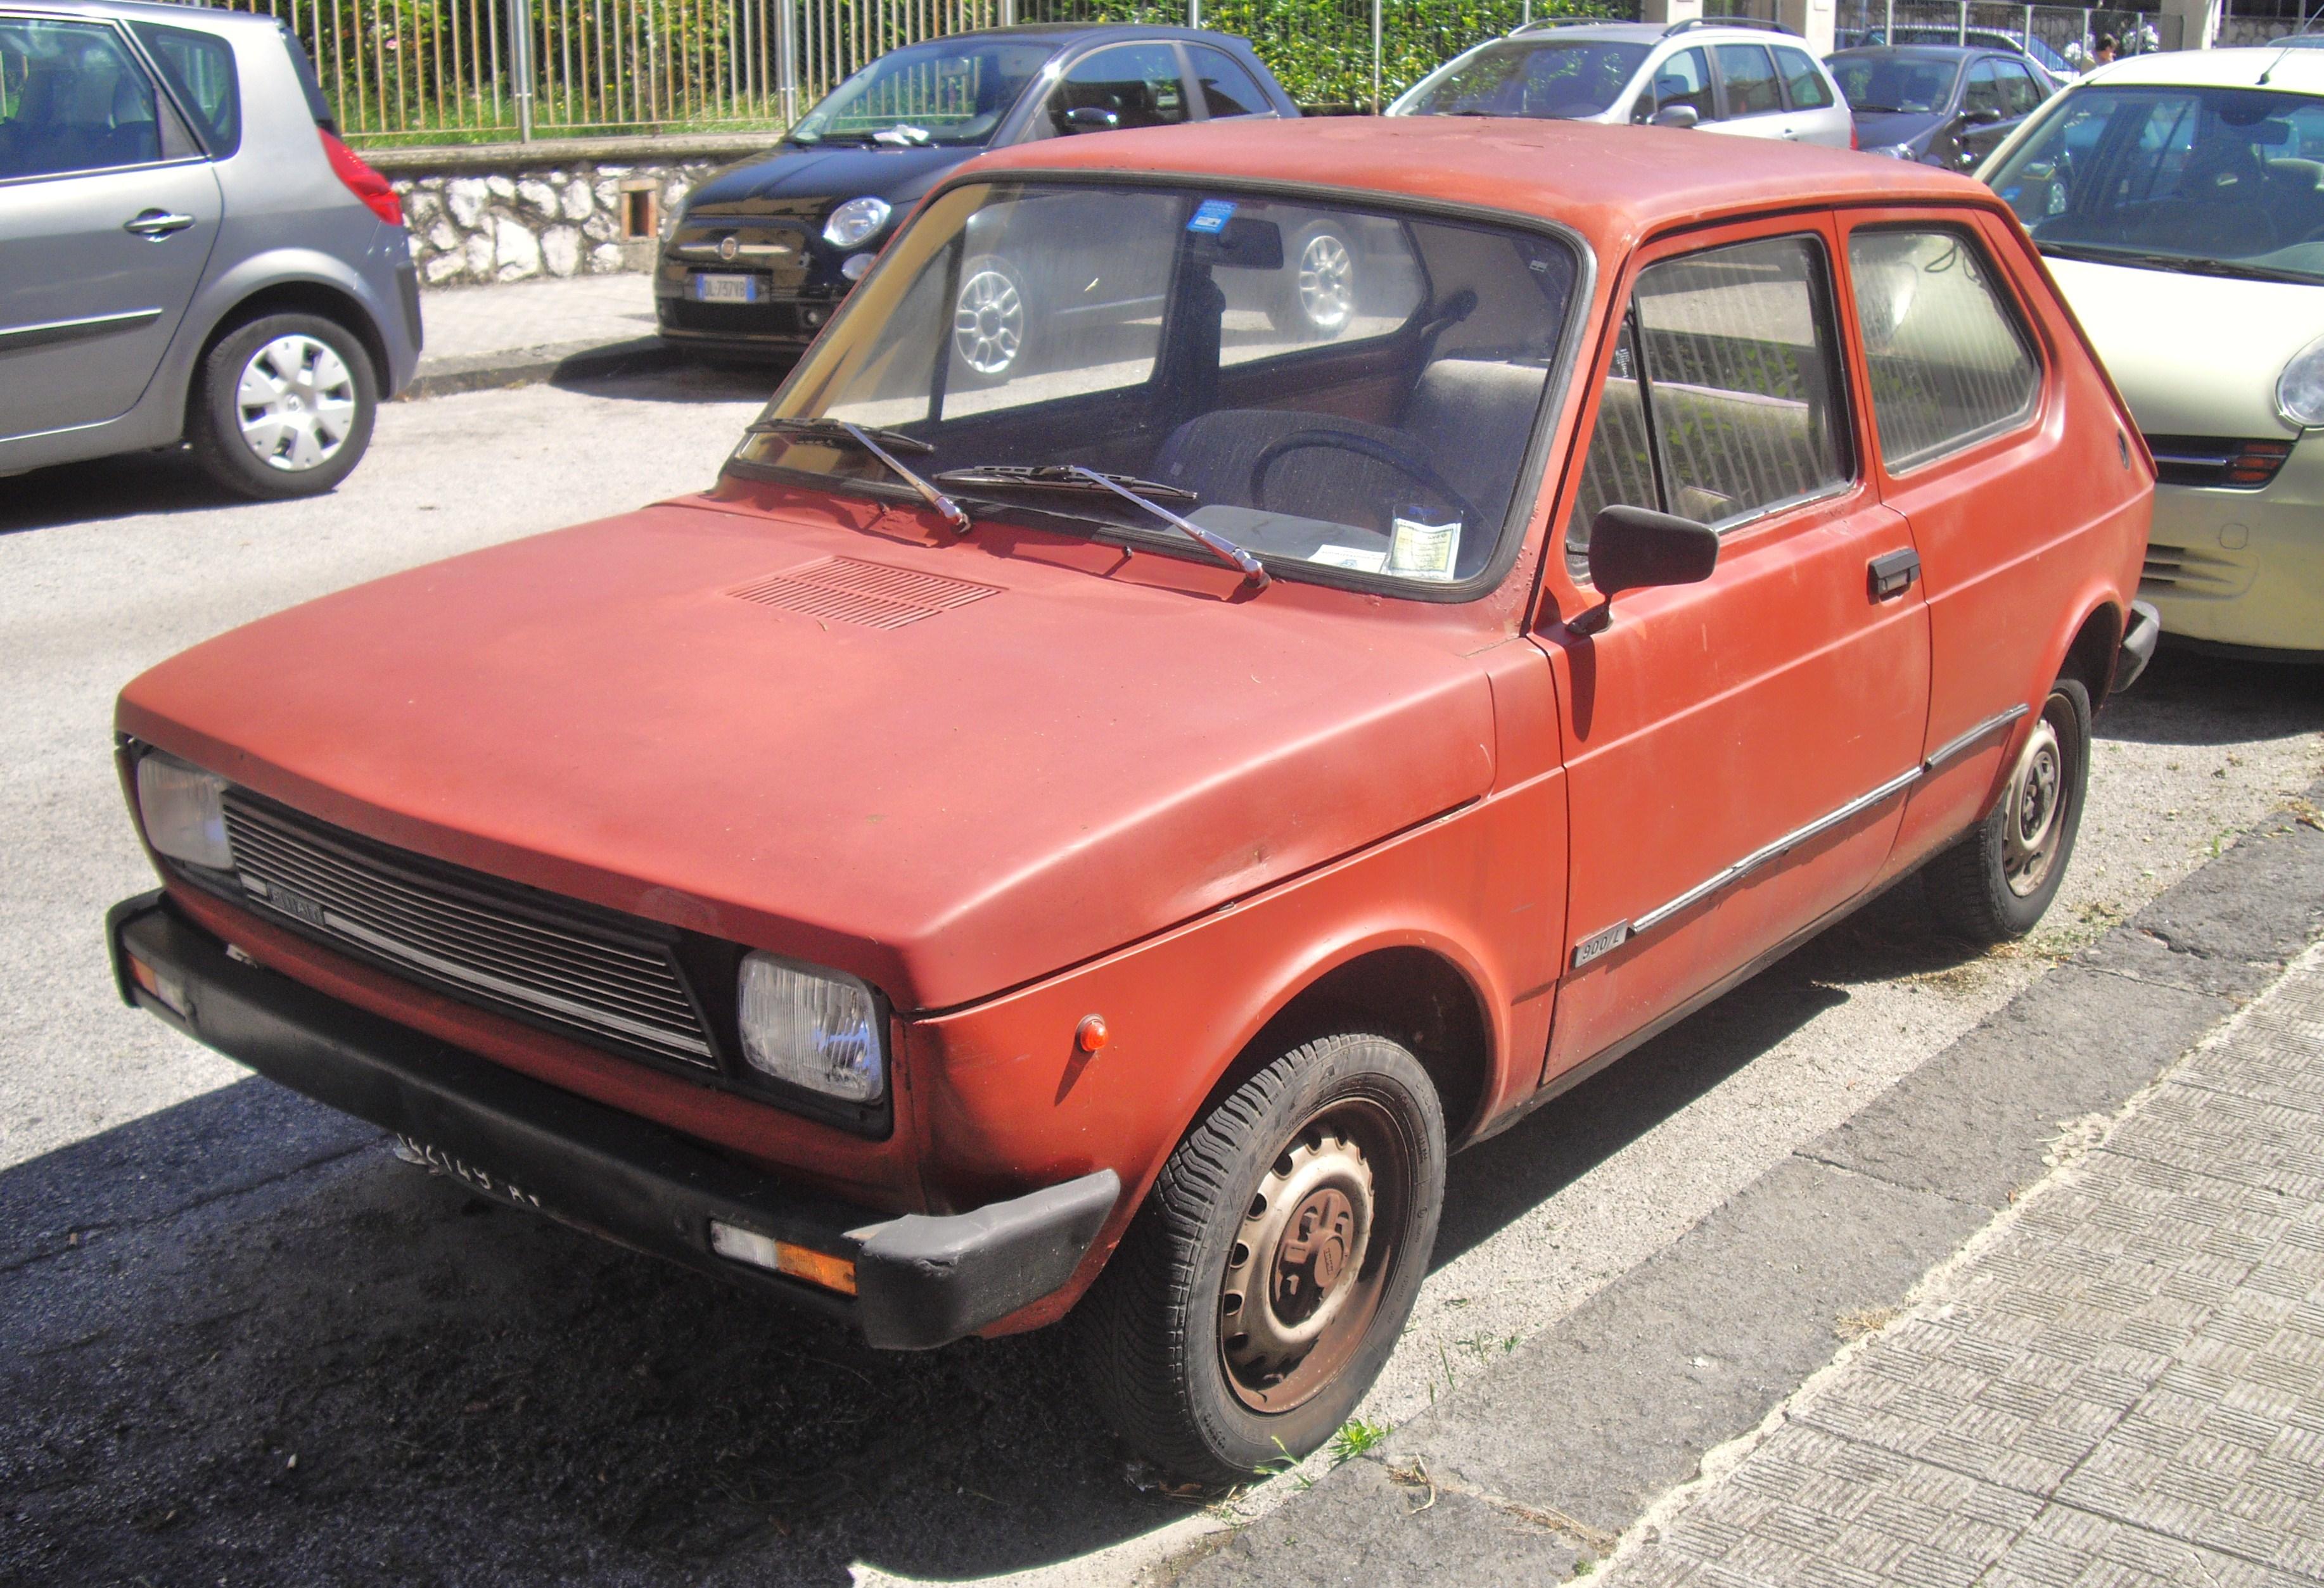 File:Fiat 127 red 3door.JPG